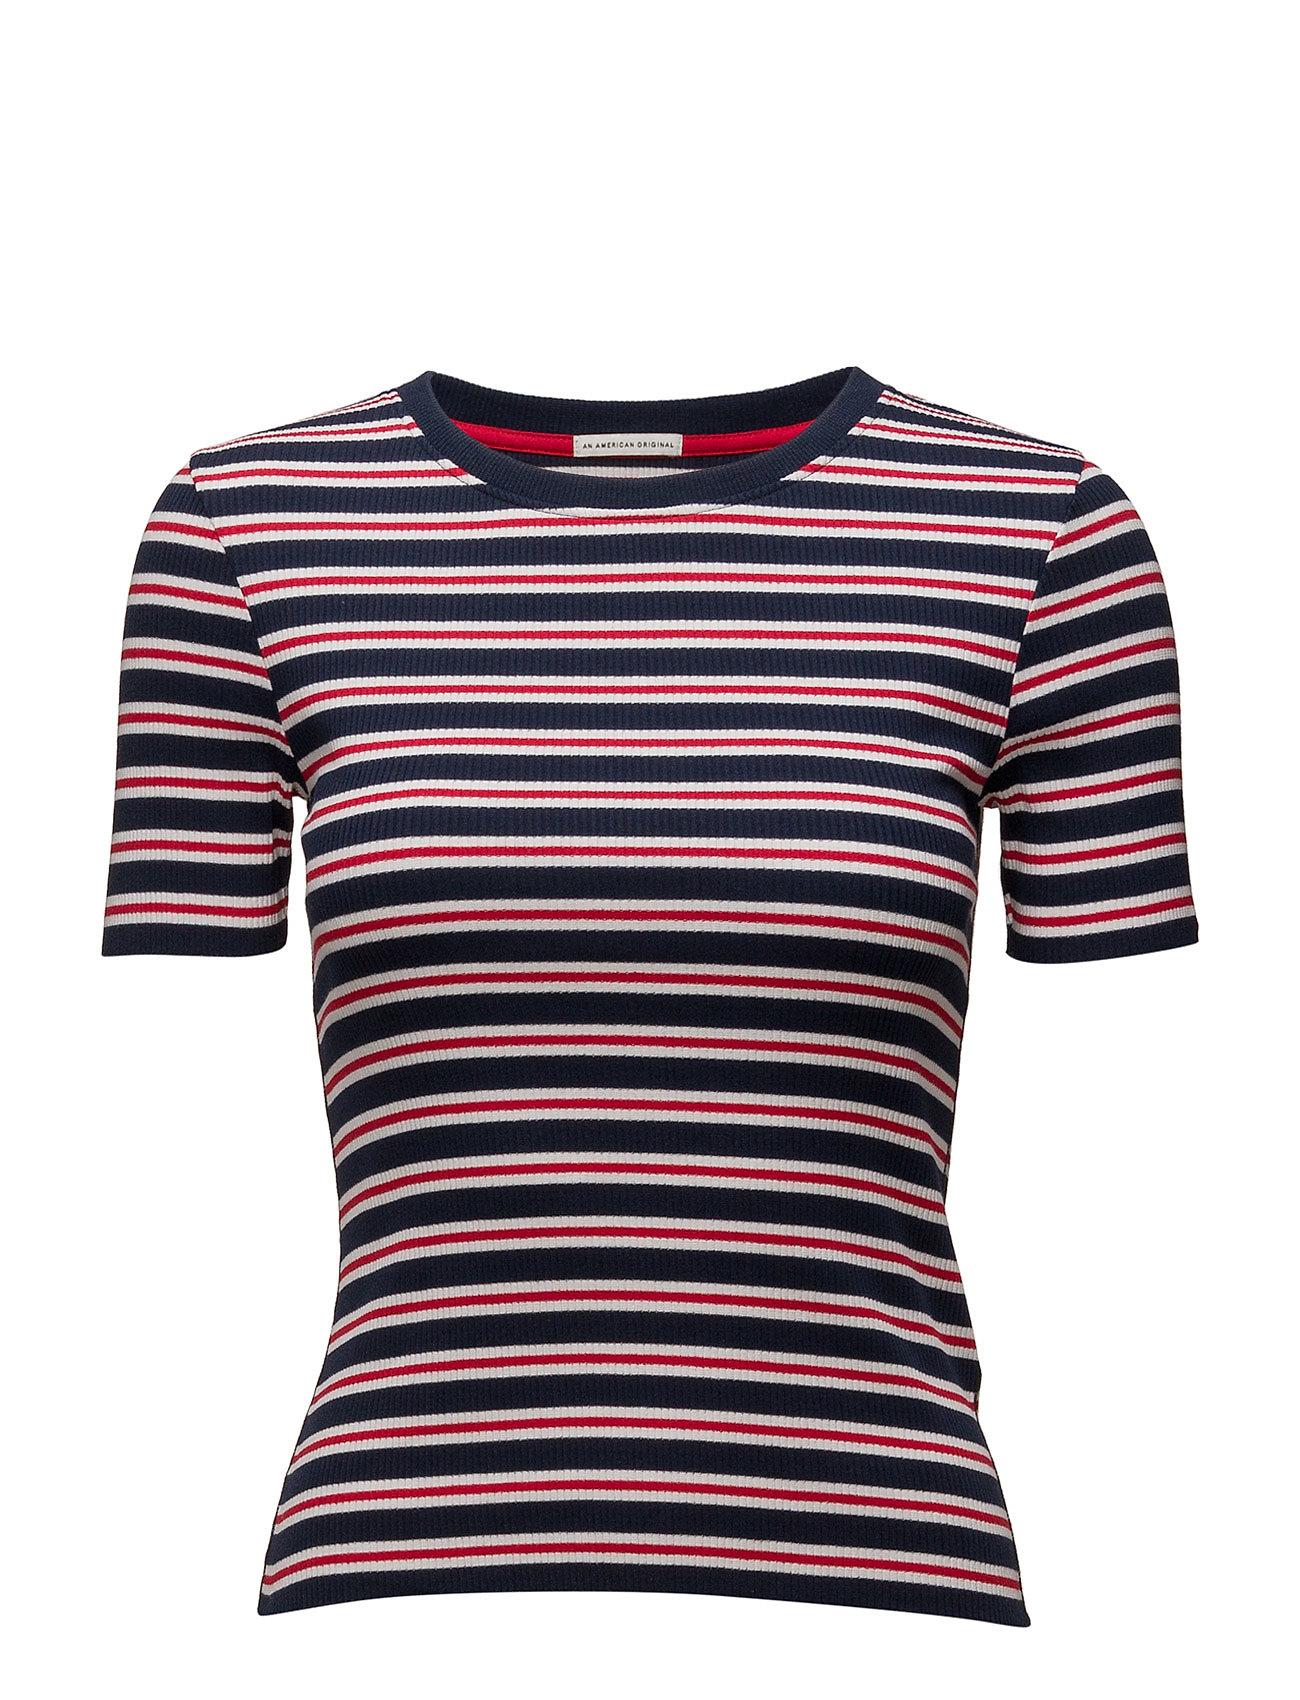 Thdw Stripe Cn Knit S/S 33 Hilfiger Denim Kortærmede til Damer i Blå